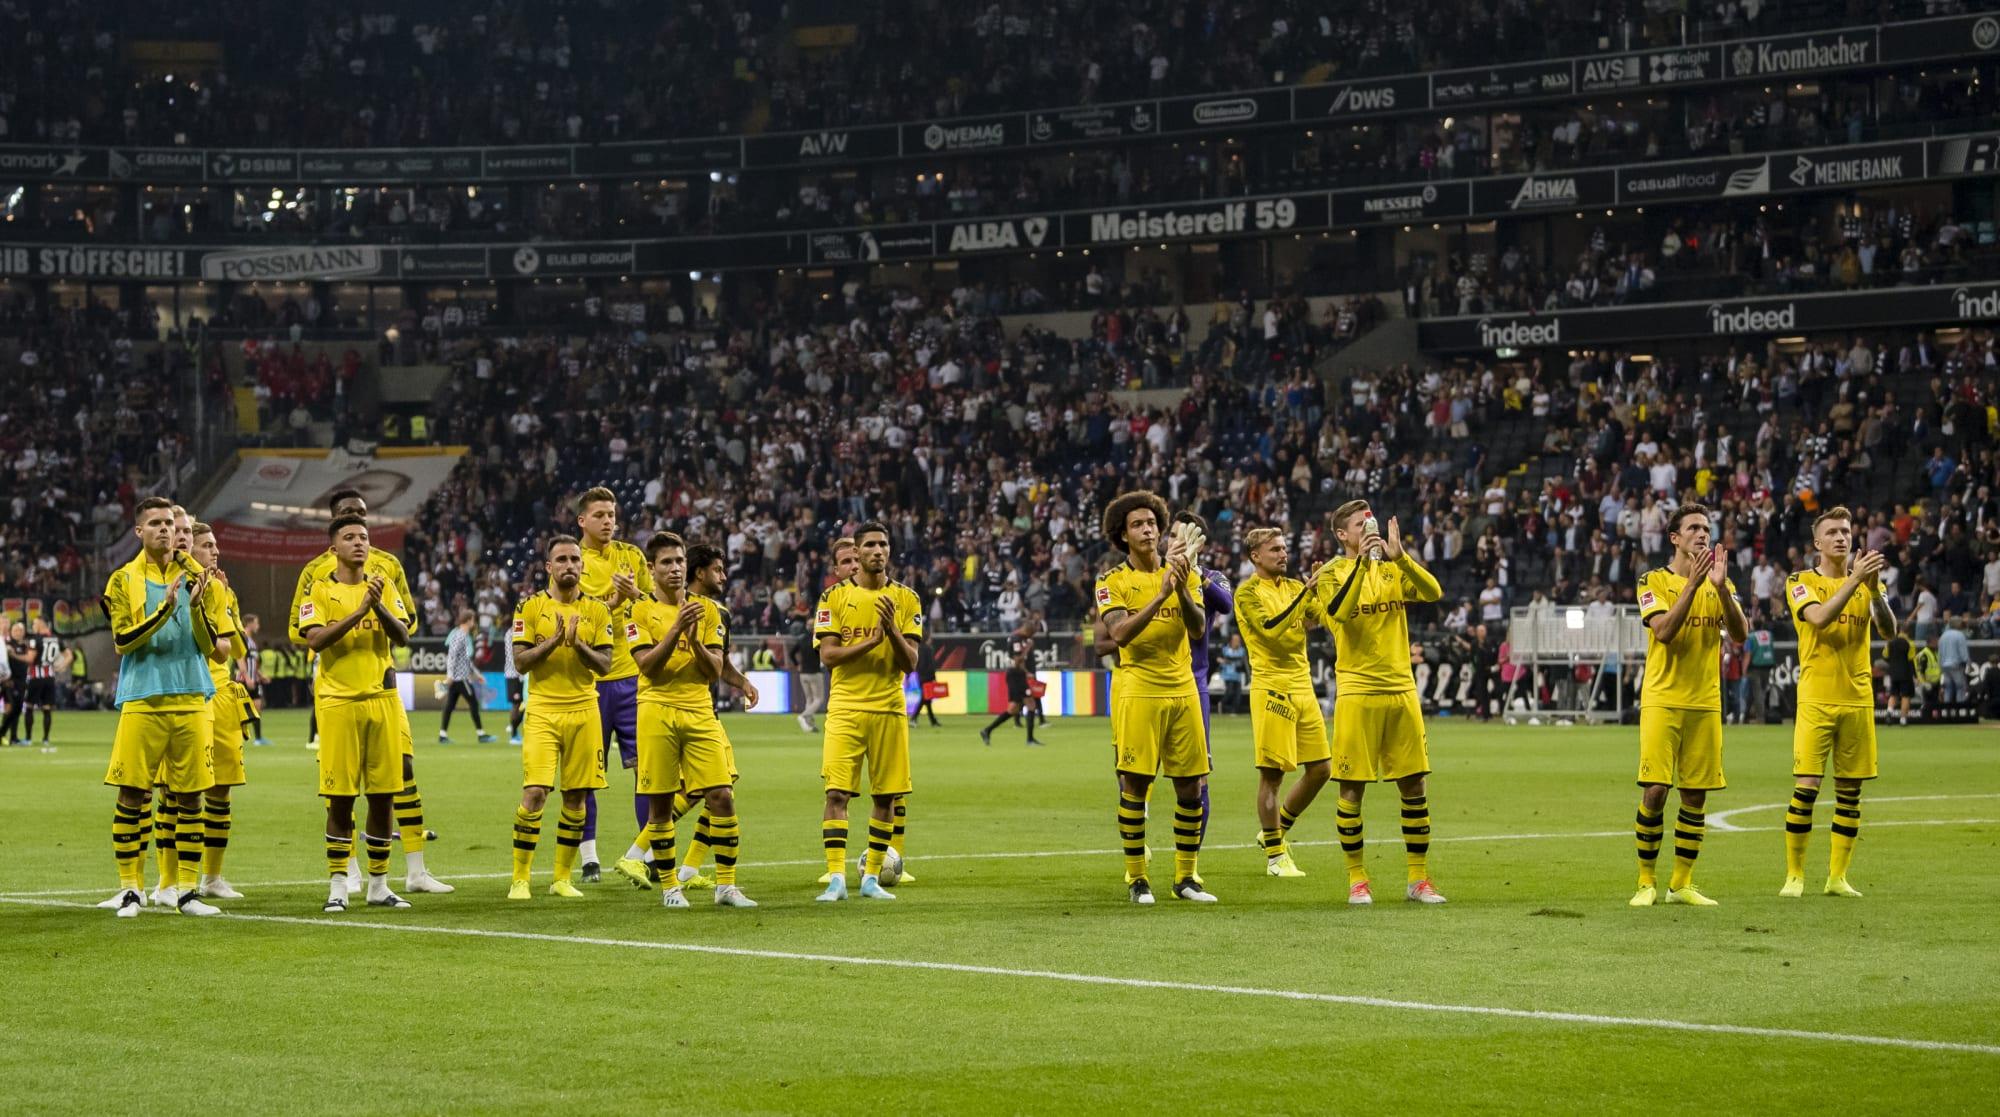 Eintracht Borussia